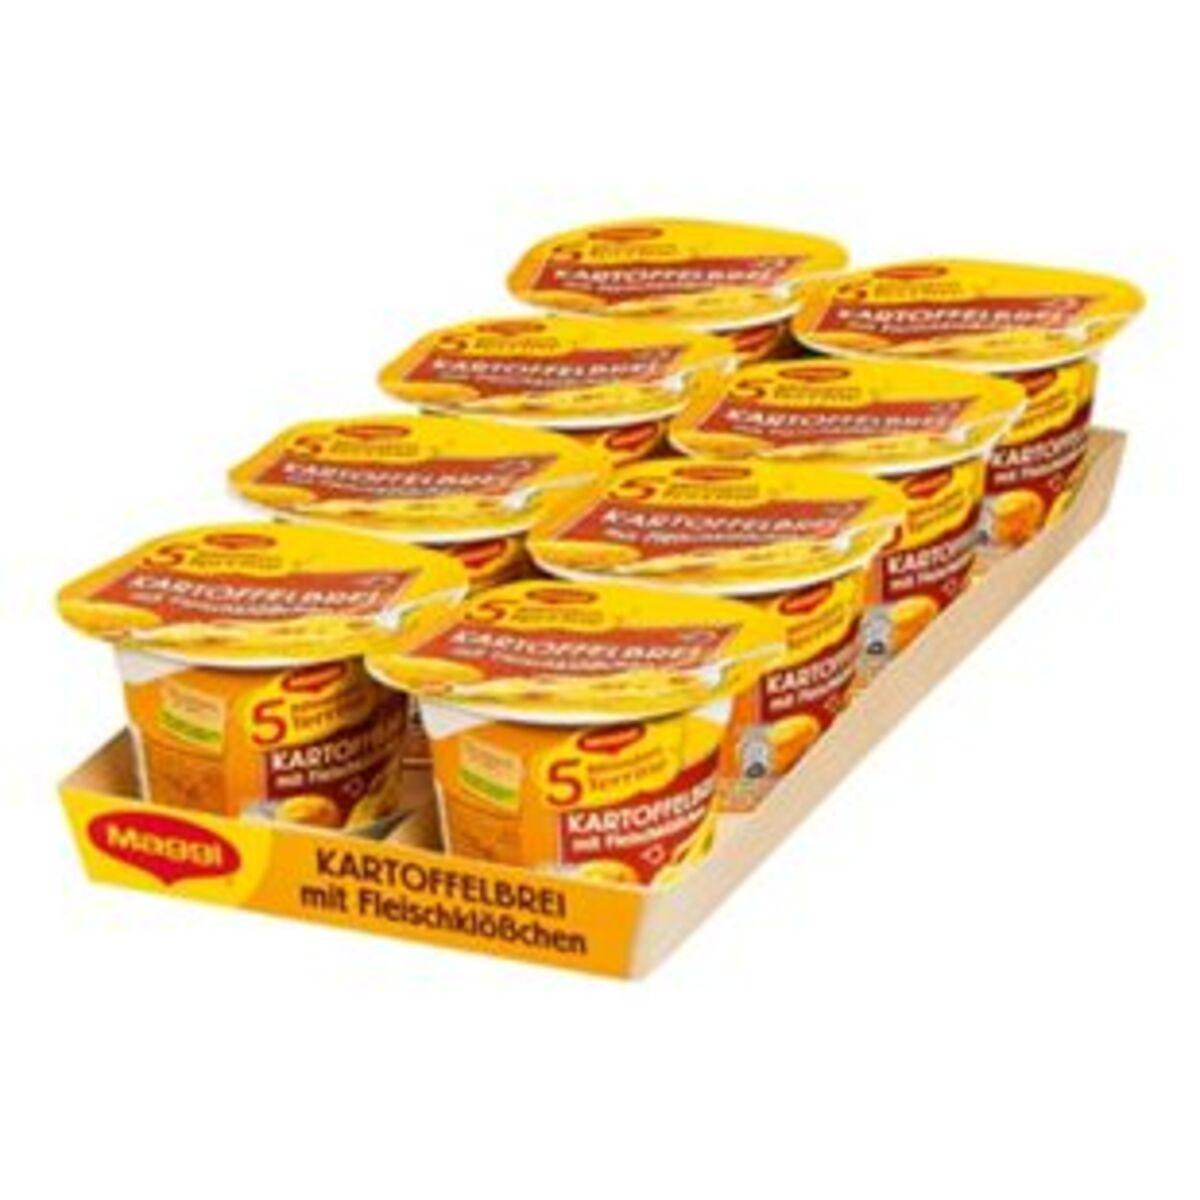 Bild 2 von Maggi 5 Minuten Terrine Kartoffelbrei mit Fleischklößchen 46 g, 8er Pack